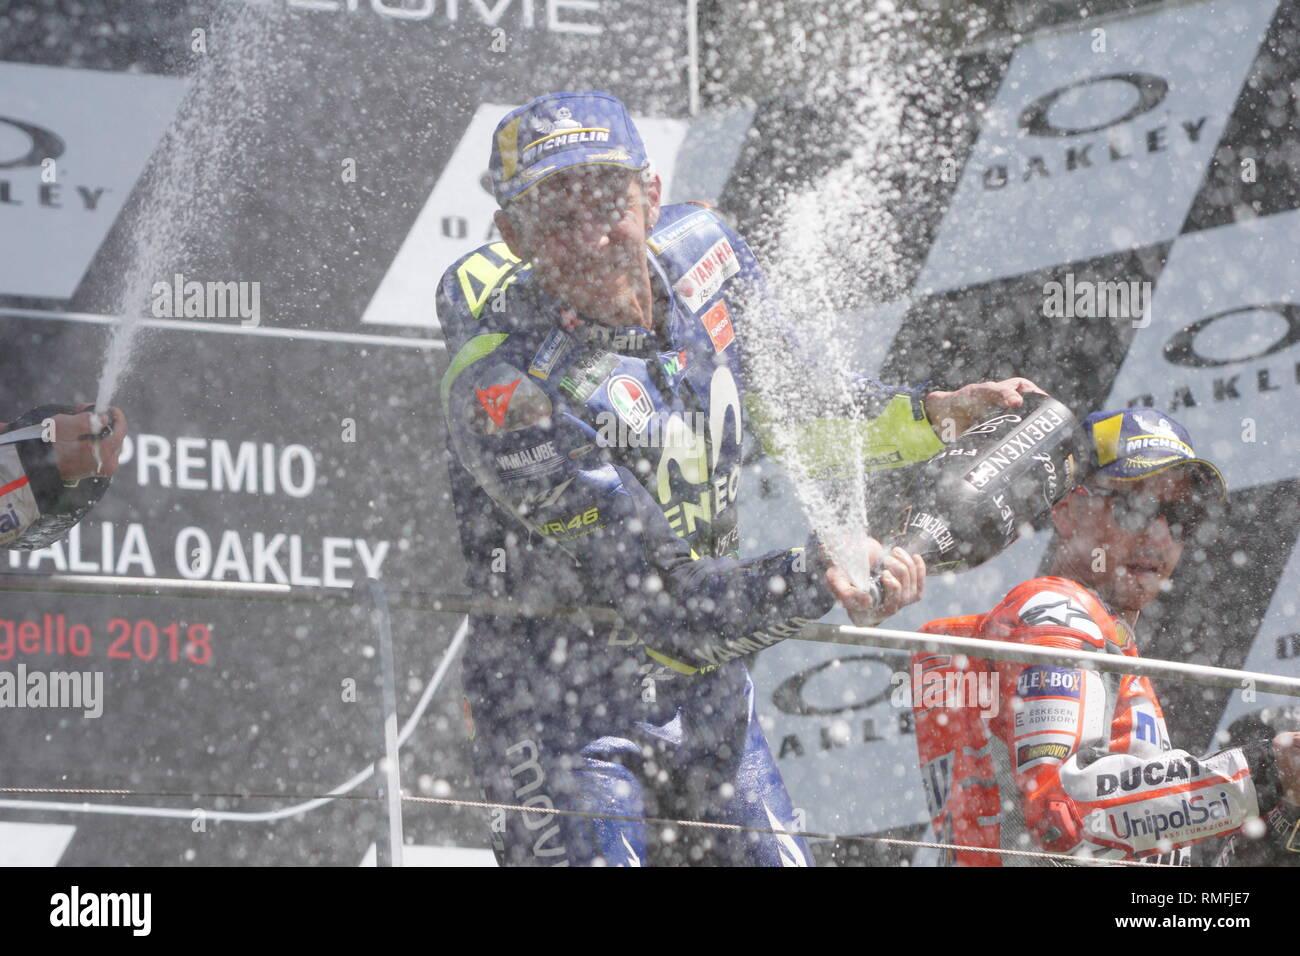 Foto Alessandro La Rocca/LaPresse 03-06-2018,    GRAN PREMIO D'ITALIA Oakley Sport-Motociclismo-MotoGP  GRAN PREMIO D'ITALIA Oakley- Autodromo Internazionale del Mugello- 2018-Podium MotoGP Race nella foto:Valentino Rossi -Yamaha- 3° cl.  Photo Alessandro La Rocca/ LaPresse 2018 03 june,    GRAN PREMIO D'ITALIA Oakley Sport- MotoGP GRAN PREMIO D'ITALIA Oakley- Autodromo Internazionale del Mugello- 2018-Podium MotoGP Race in the photo:Valentino Rossi -Yamaha- 3° cl. Stock Photo